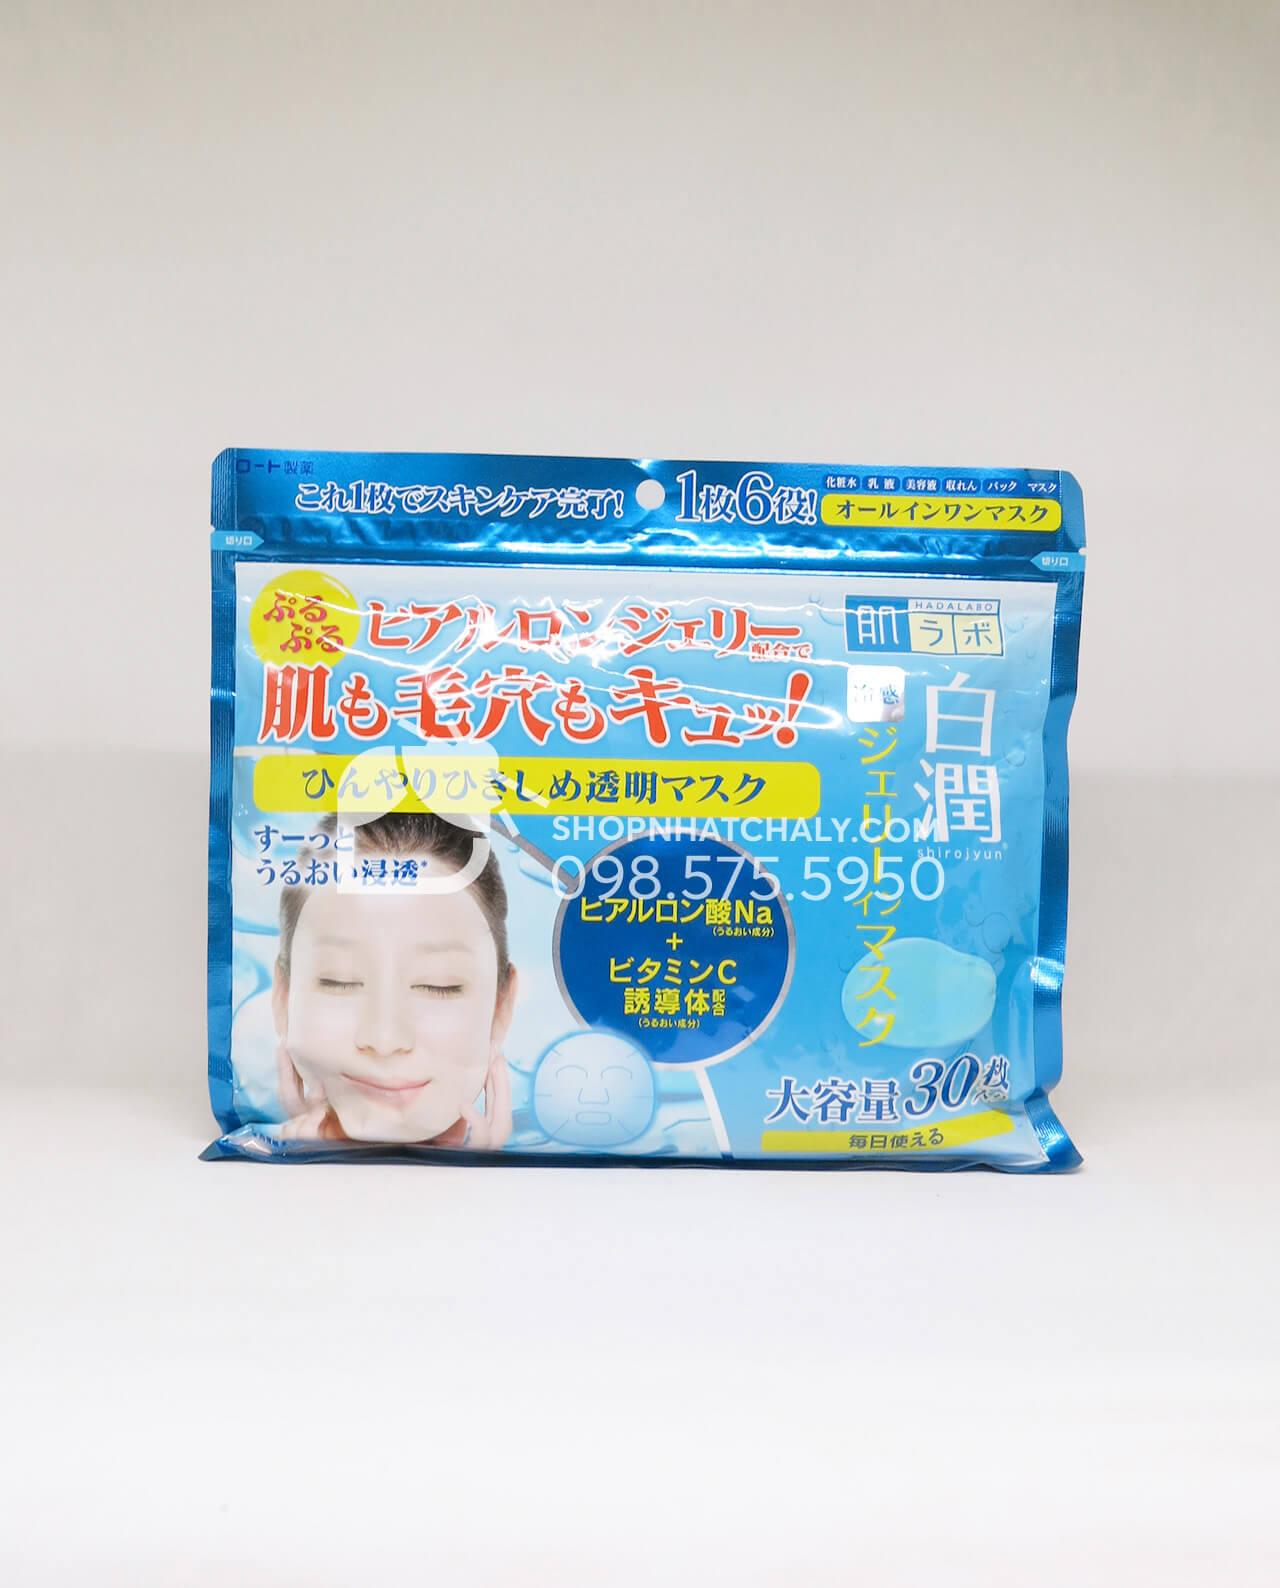 Mặt nạ lạnh dưỡng trắng da ngừa thâm nám Hada Labo Shirojyun Cooling Jelly Mask Nhật Bản